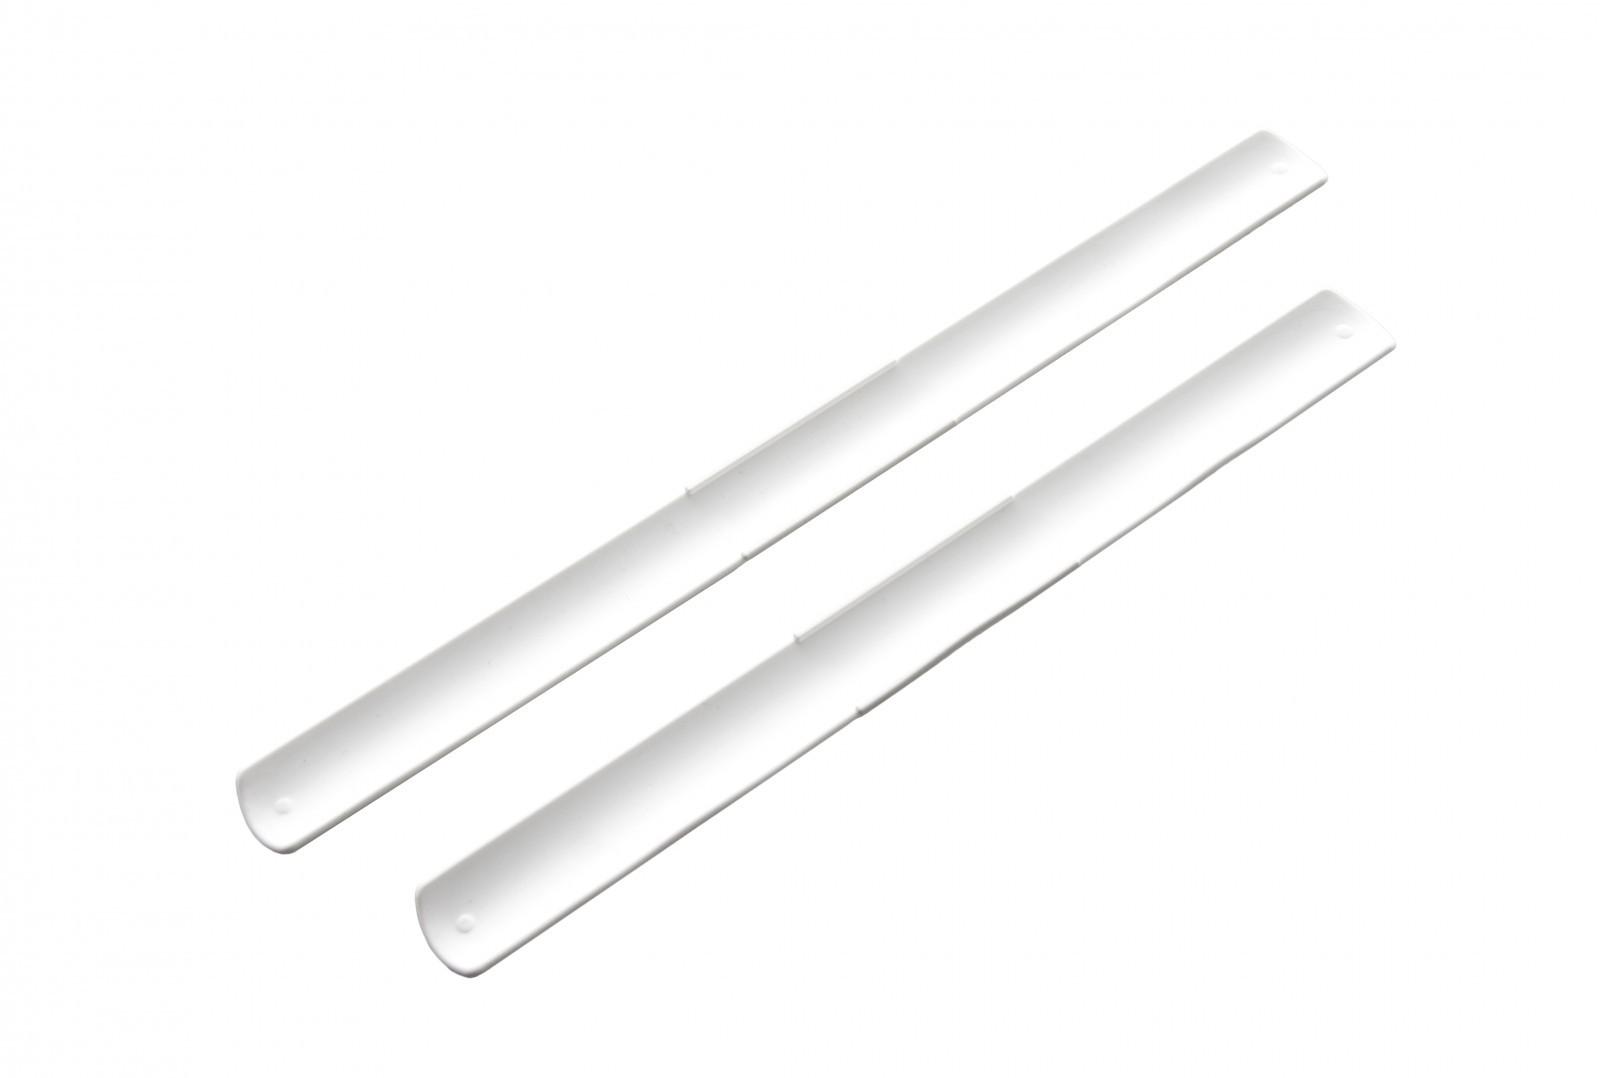 Armband für spot on nxt - Praktische Spange für Gürtel oder Tasche